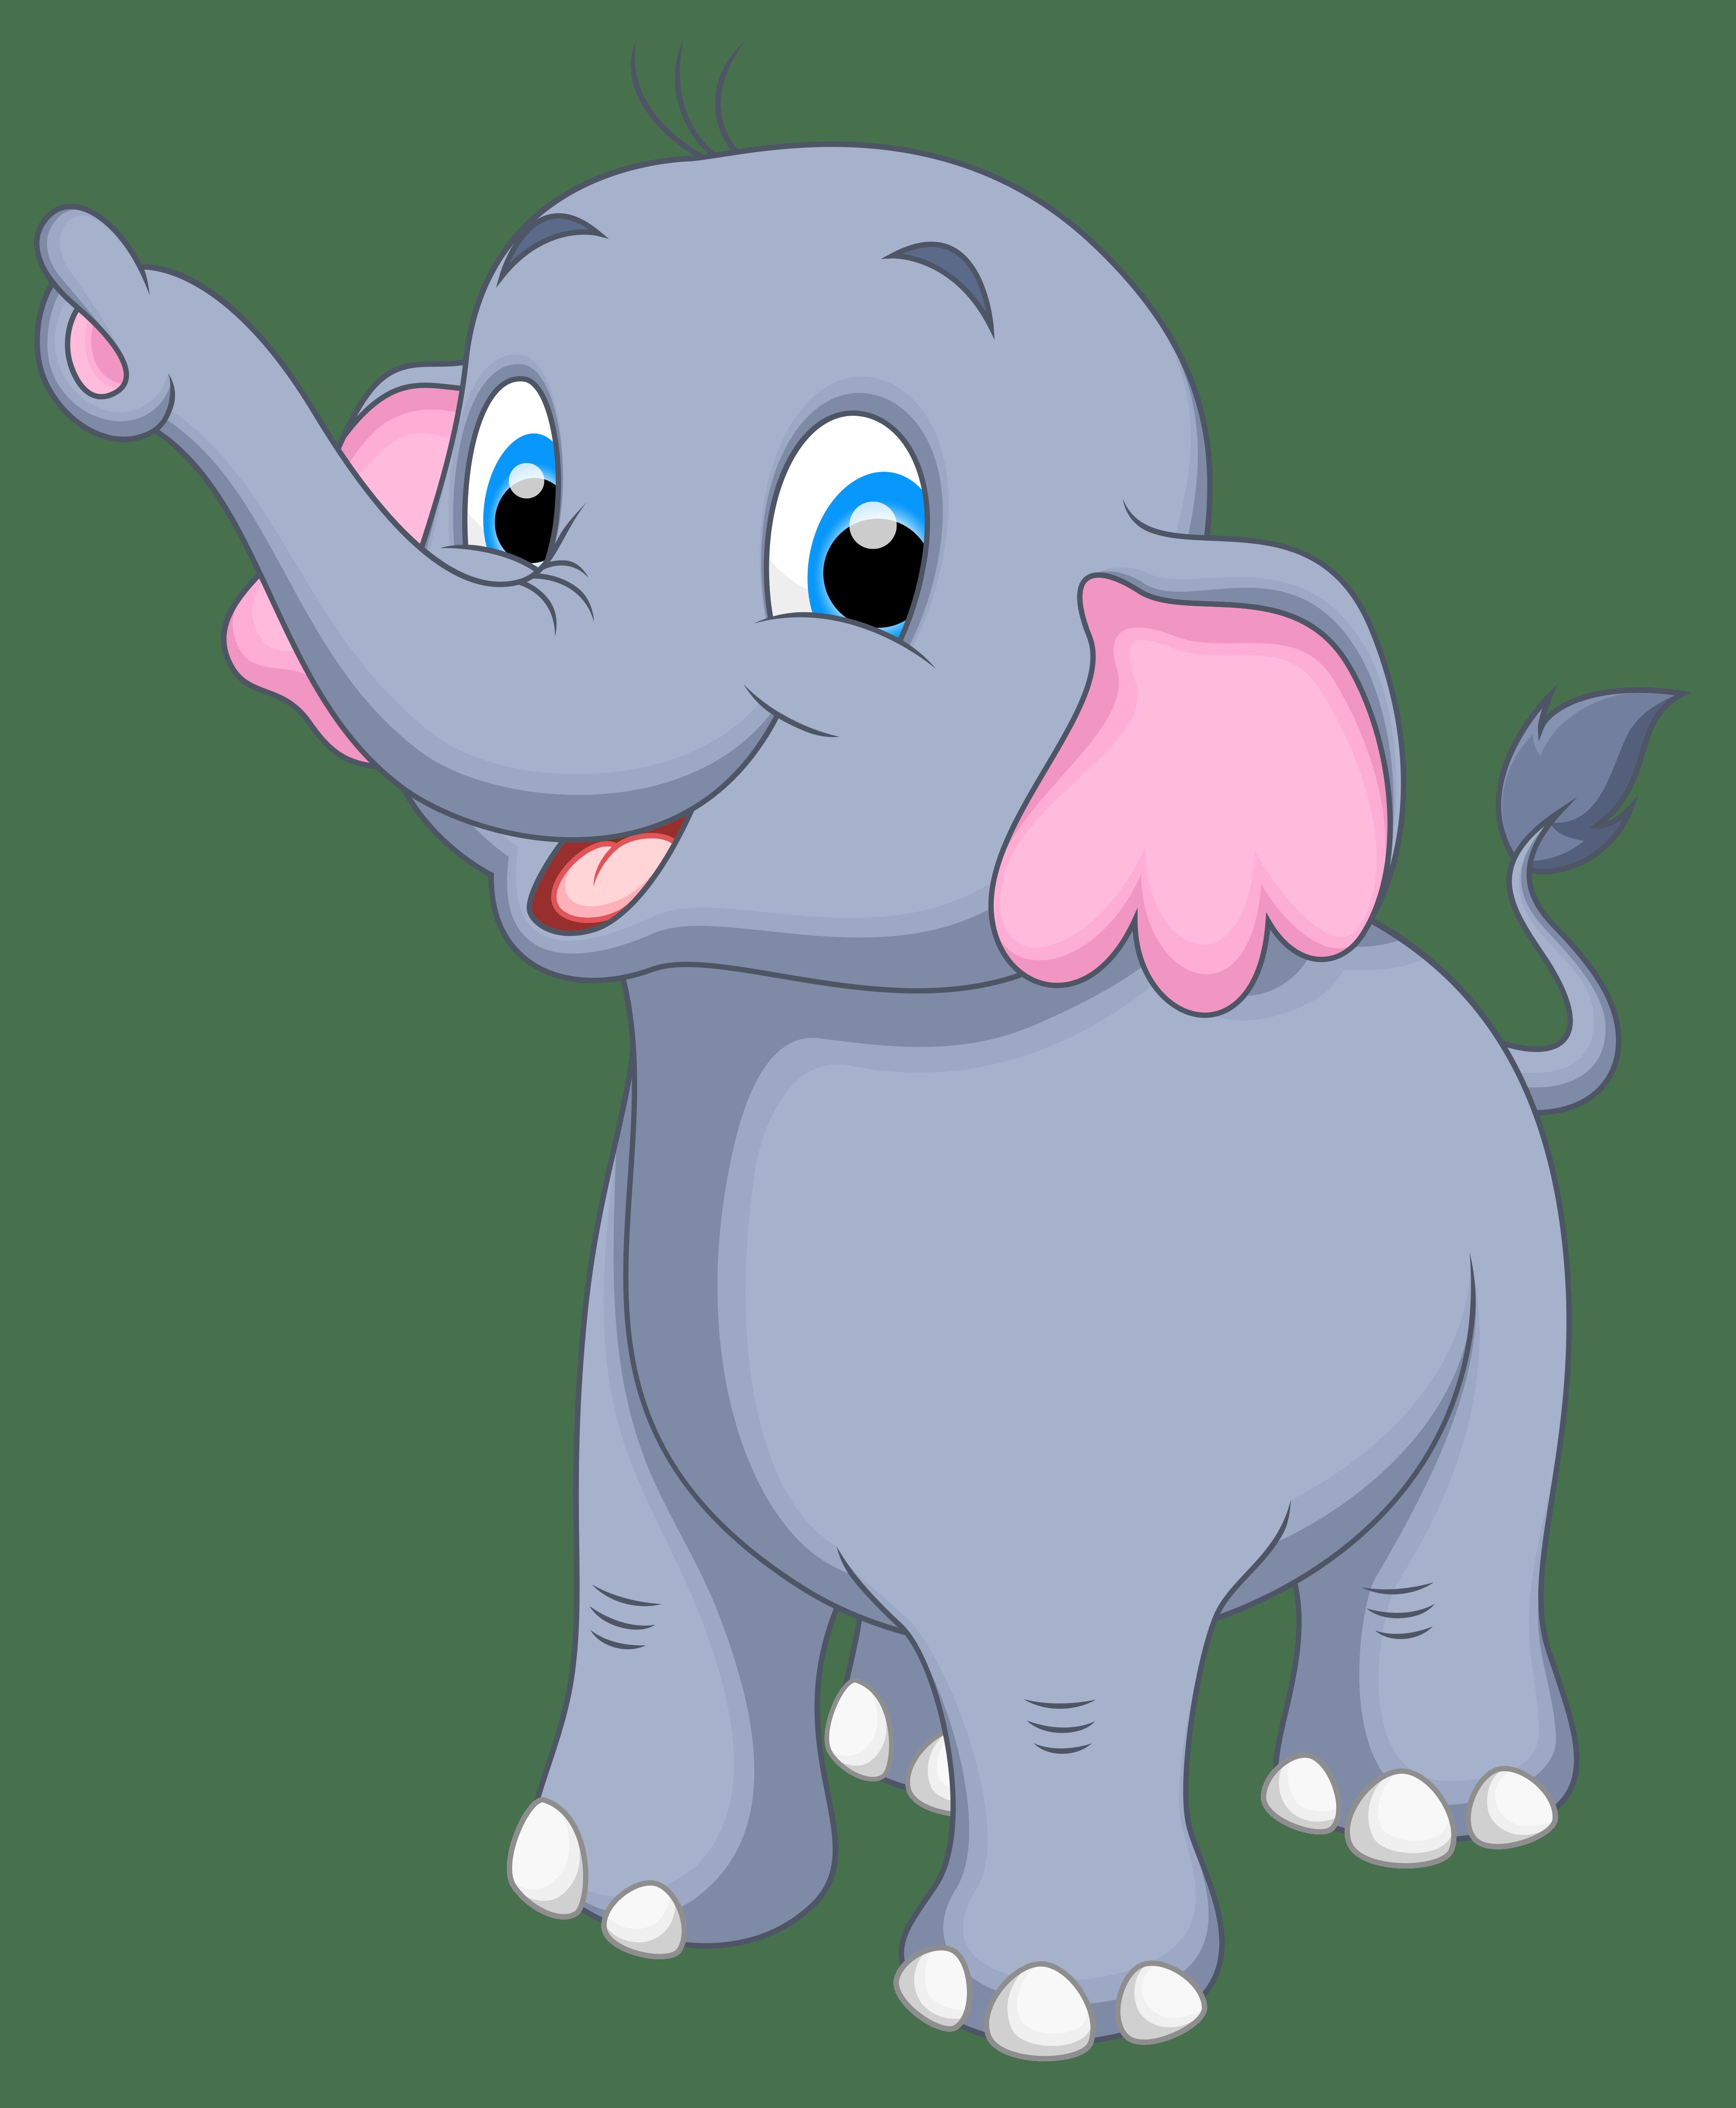 Clipart for elephant image freeuse Elephant clipart for kids 2 » Clipart Portal image freeuse